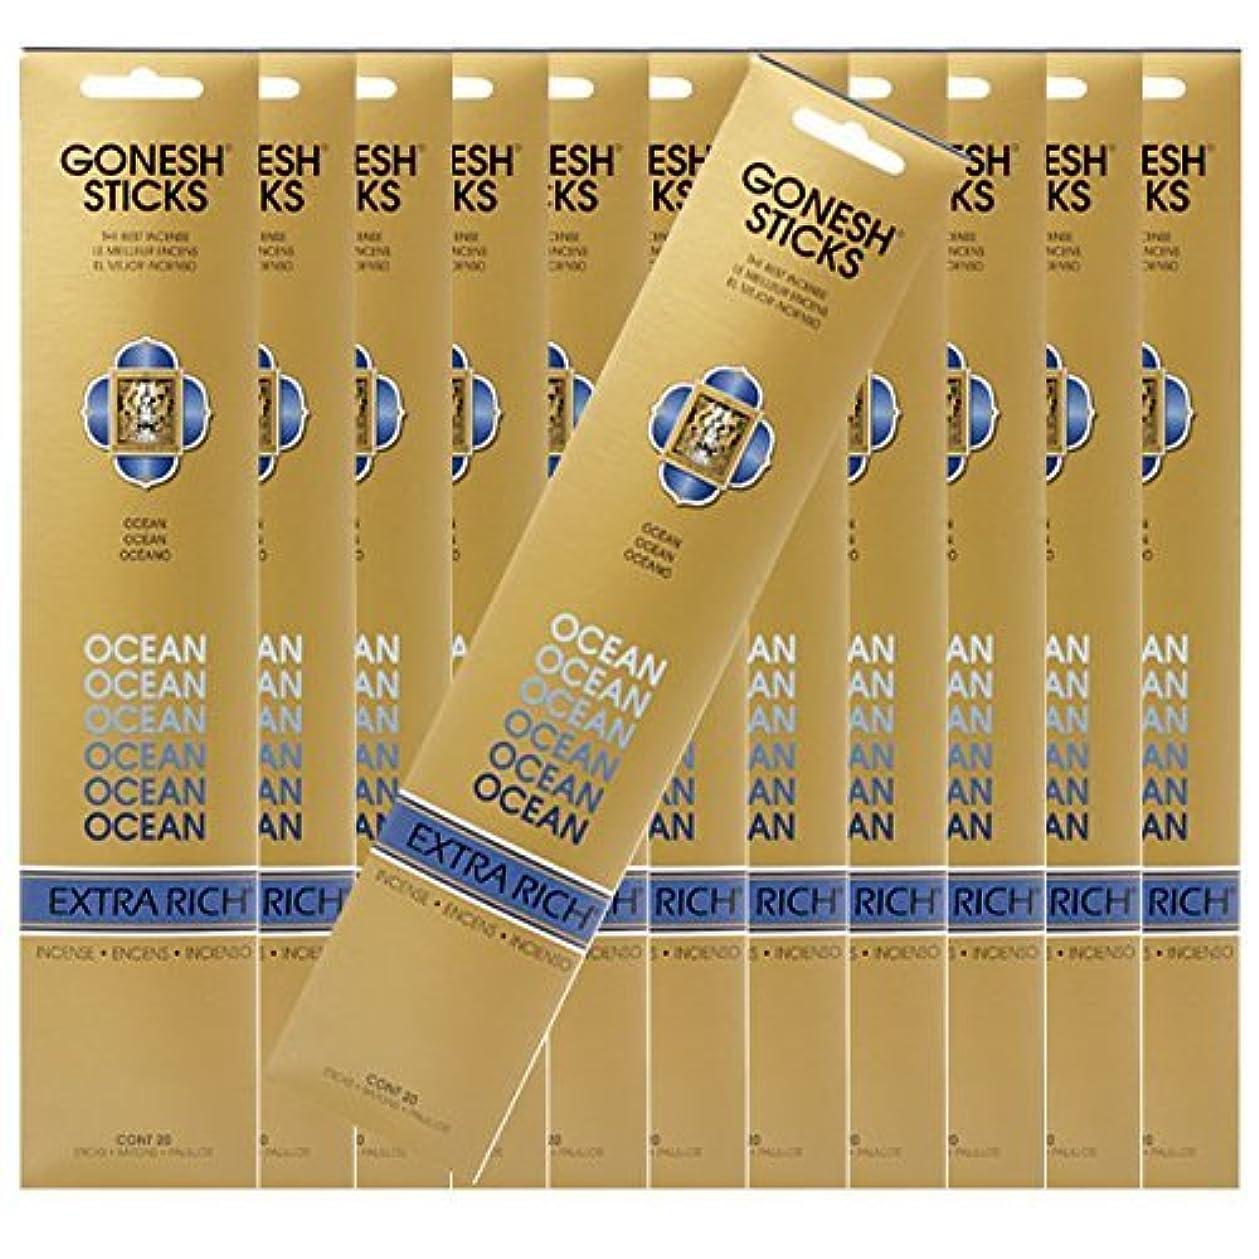 抑圧するラフ学部GONESH ガーネッシュ お香スティック Ocean -オーシャン- x12パックセット(合計240本入り)